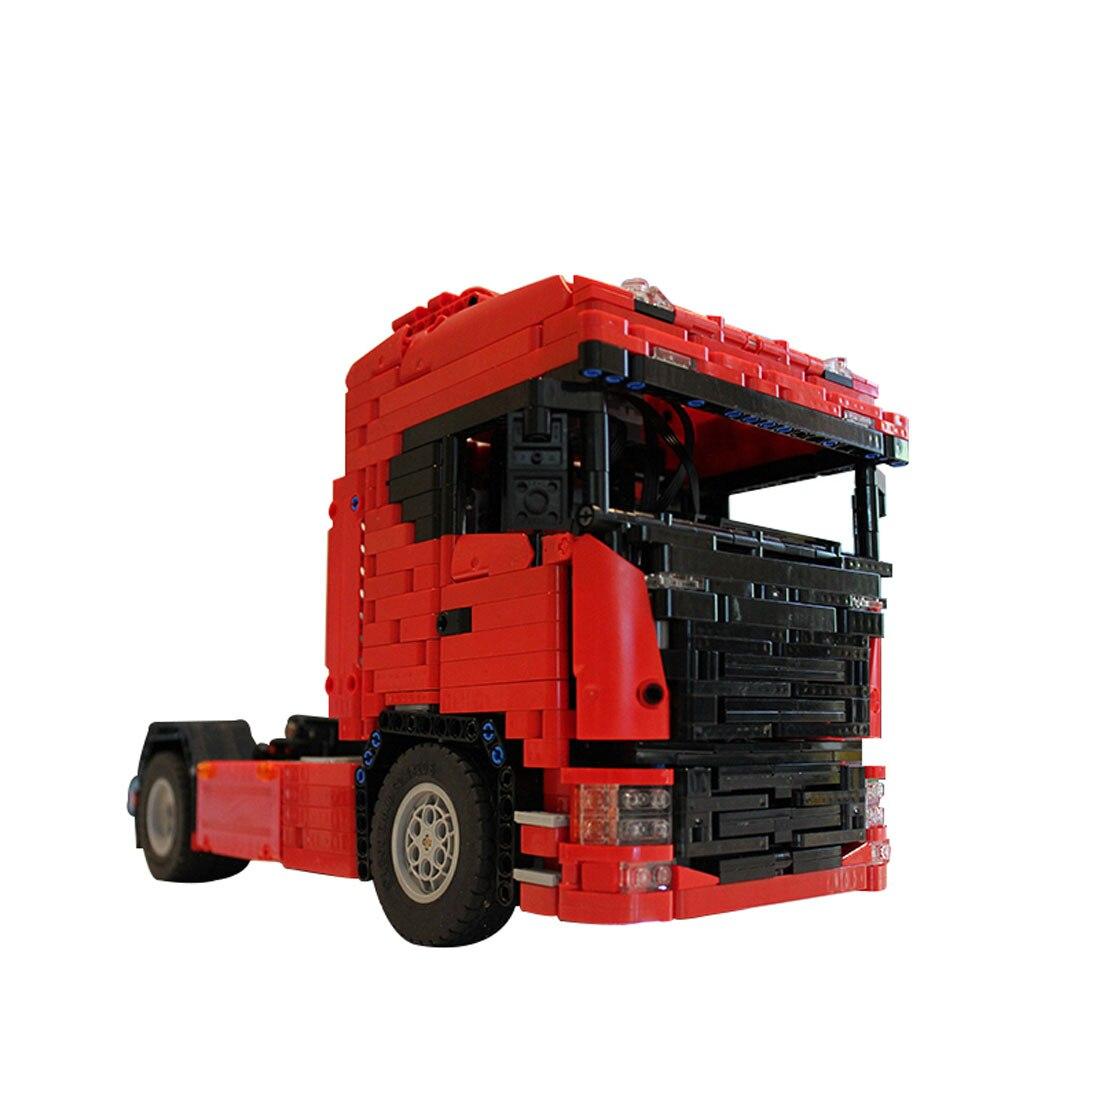 1661 pces moc rc caminhão veículo modelo de montagem de alto nível pequena partícula bloco de construção presente conjunto com motor e controle remoto